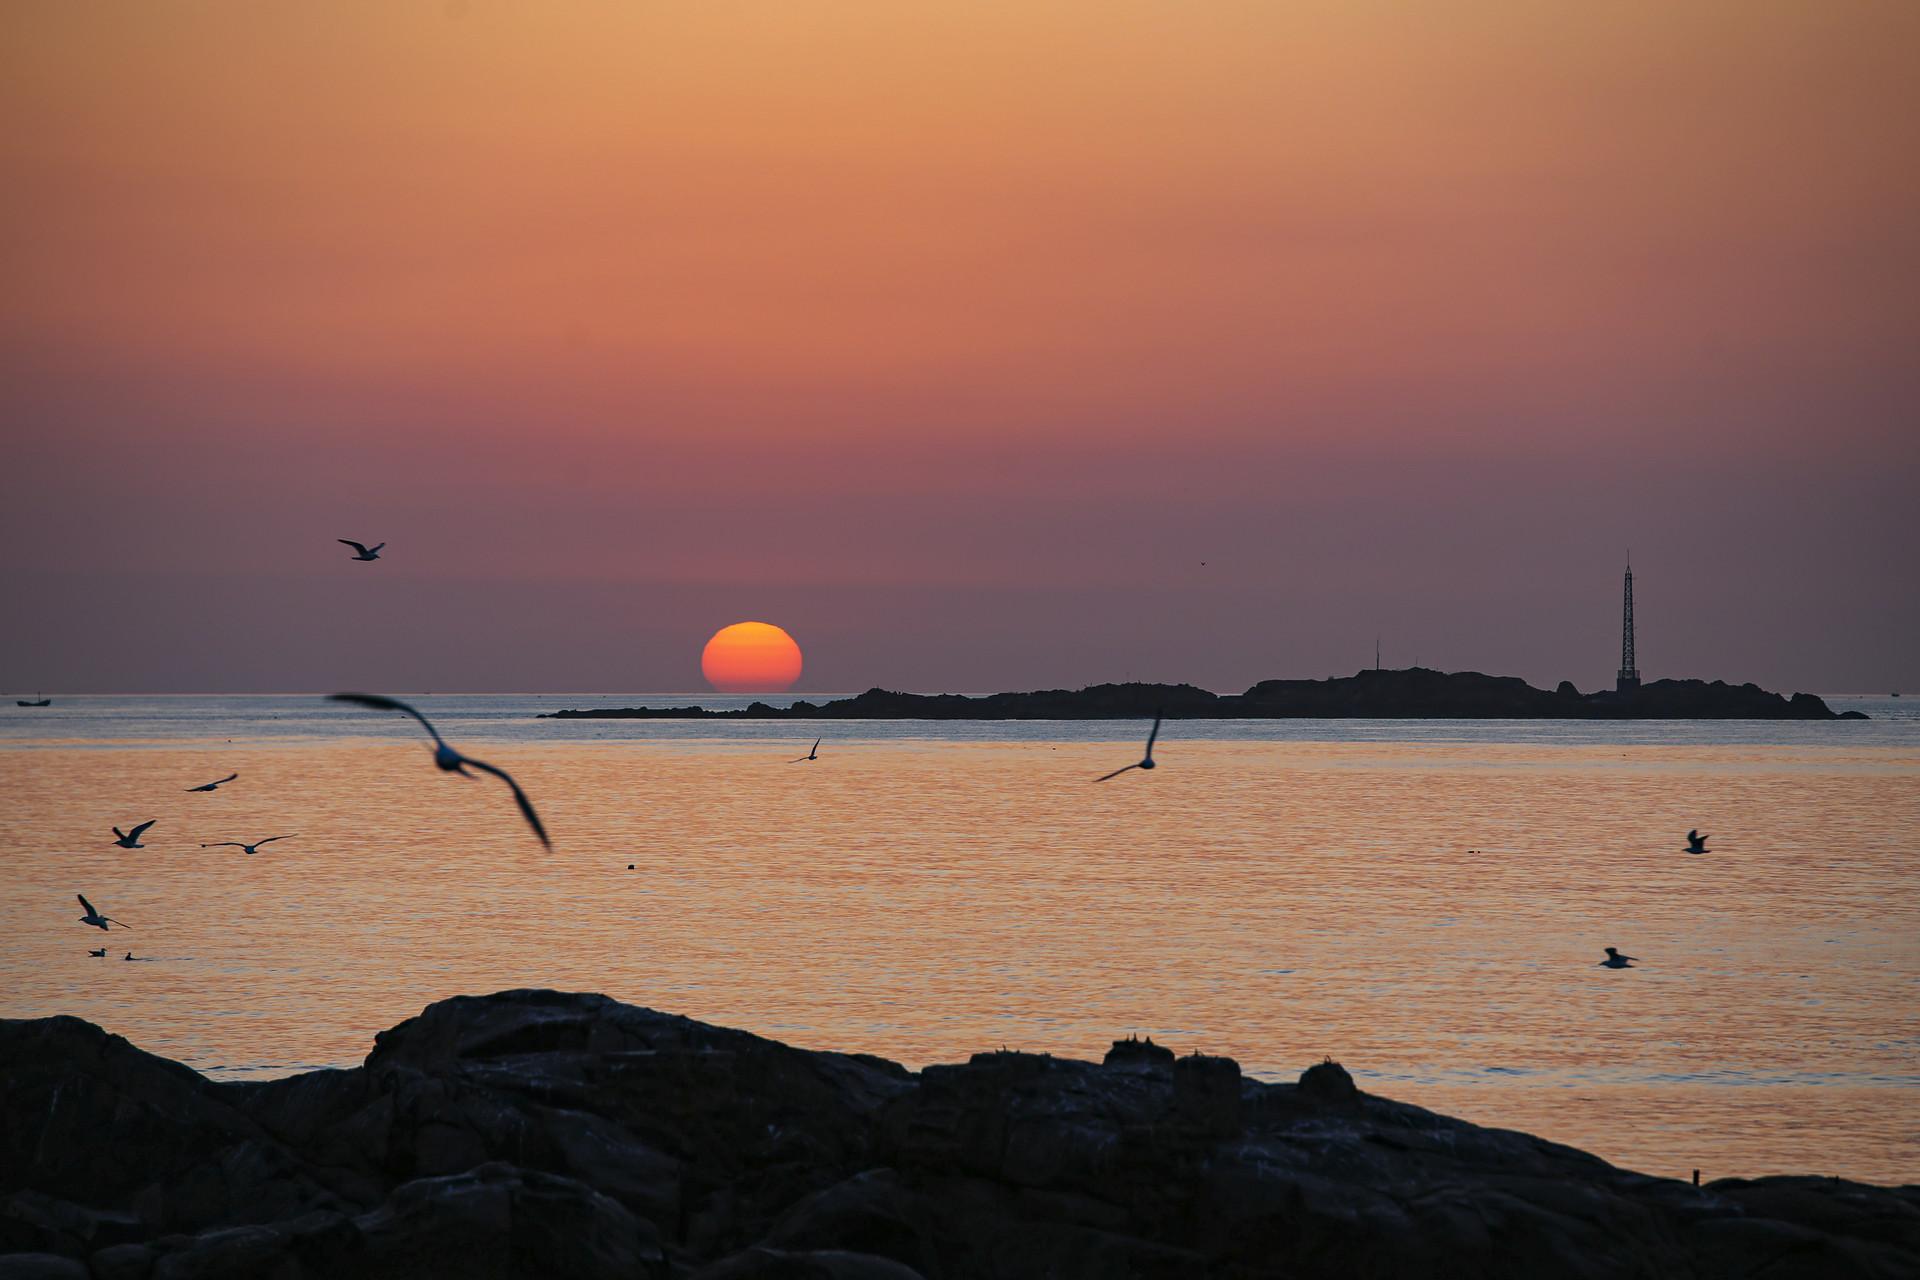 最美青岛 | 波光粼粼...傍晚的前海美如画